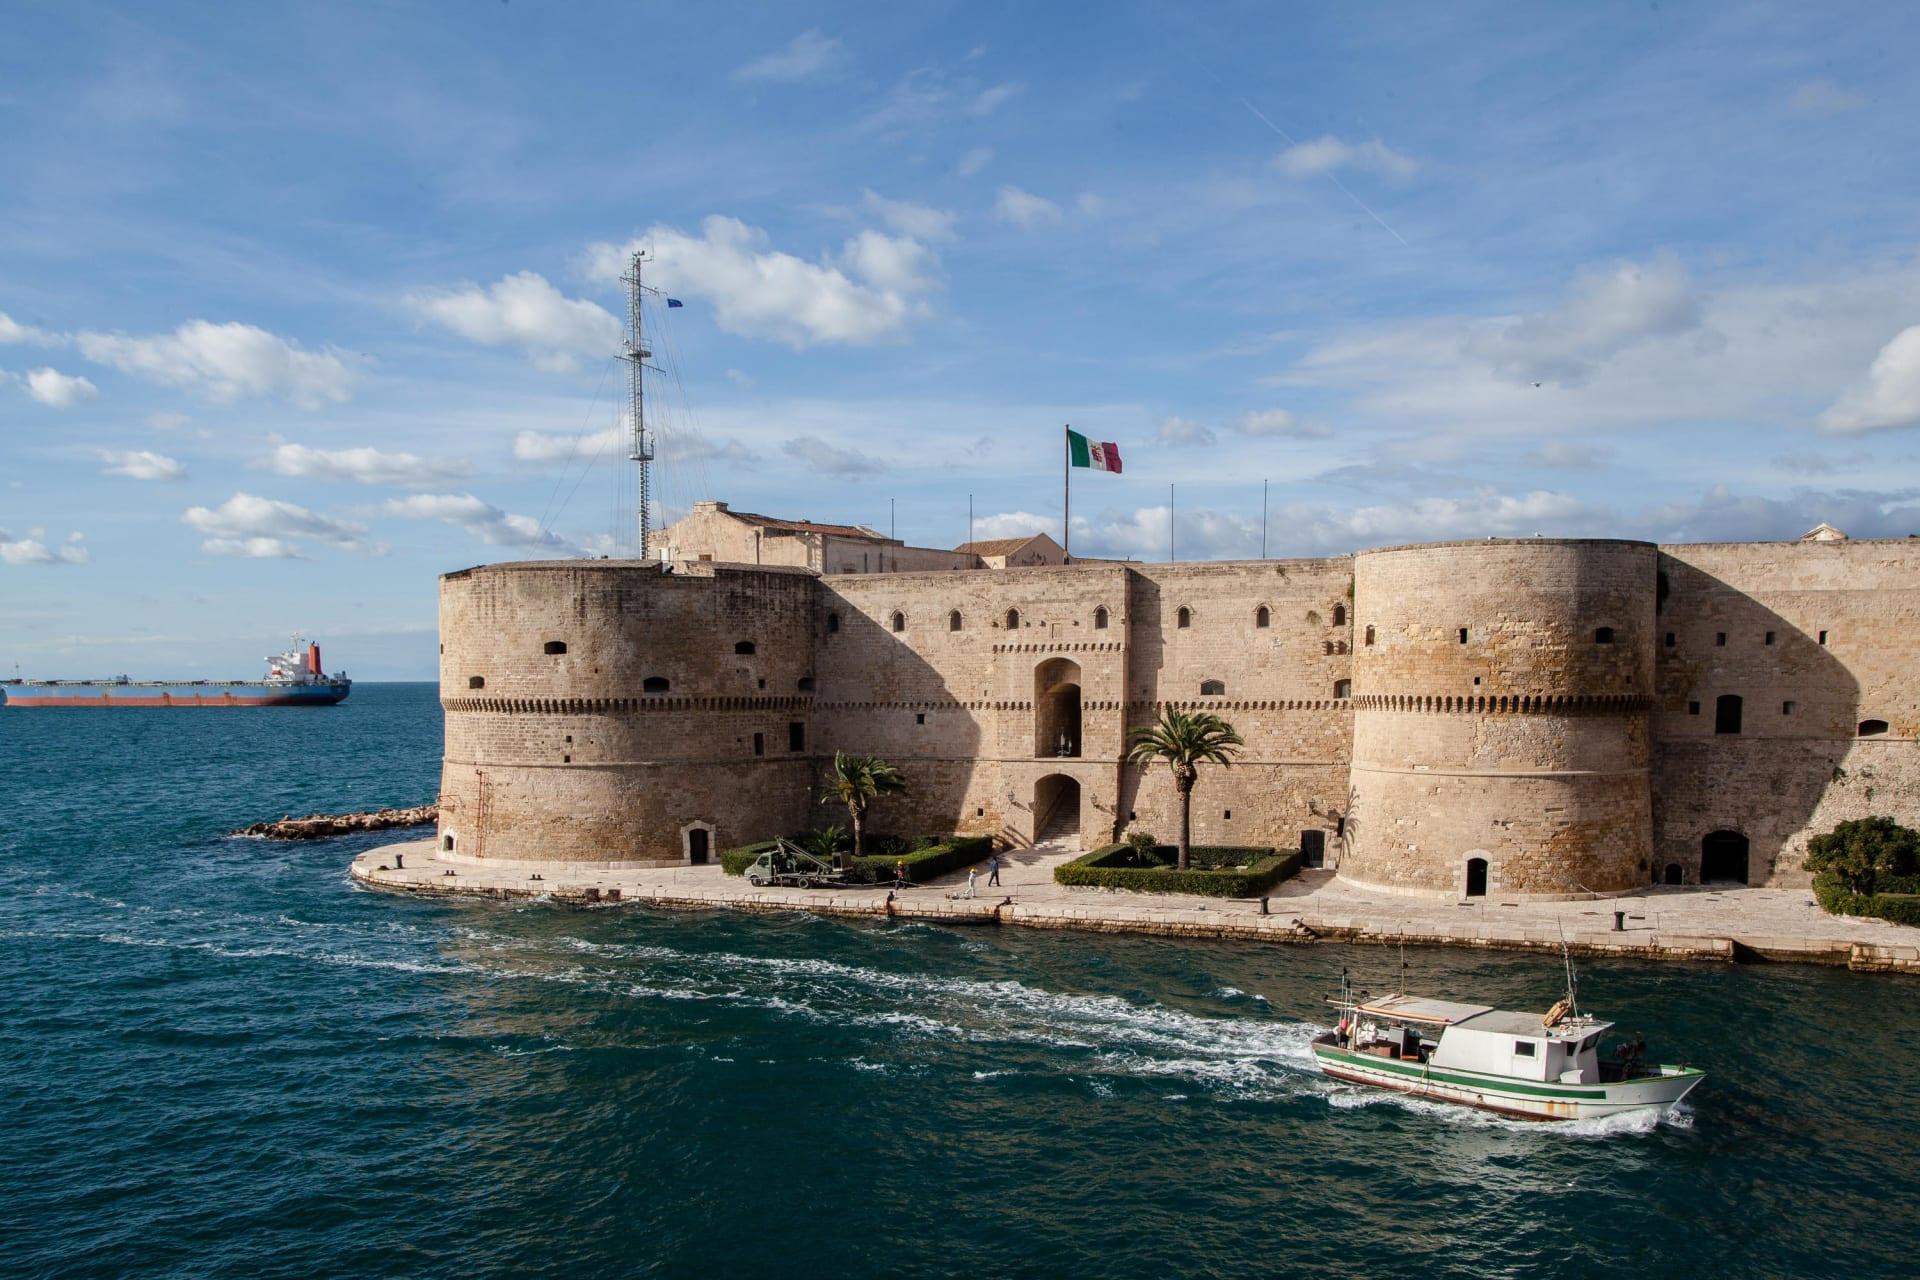 تفضل حياة المدن؟ أول مدينة إيطالية تعرض منازل بقيمة دولار